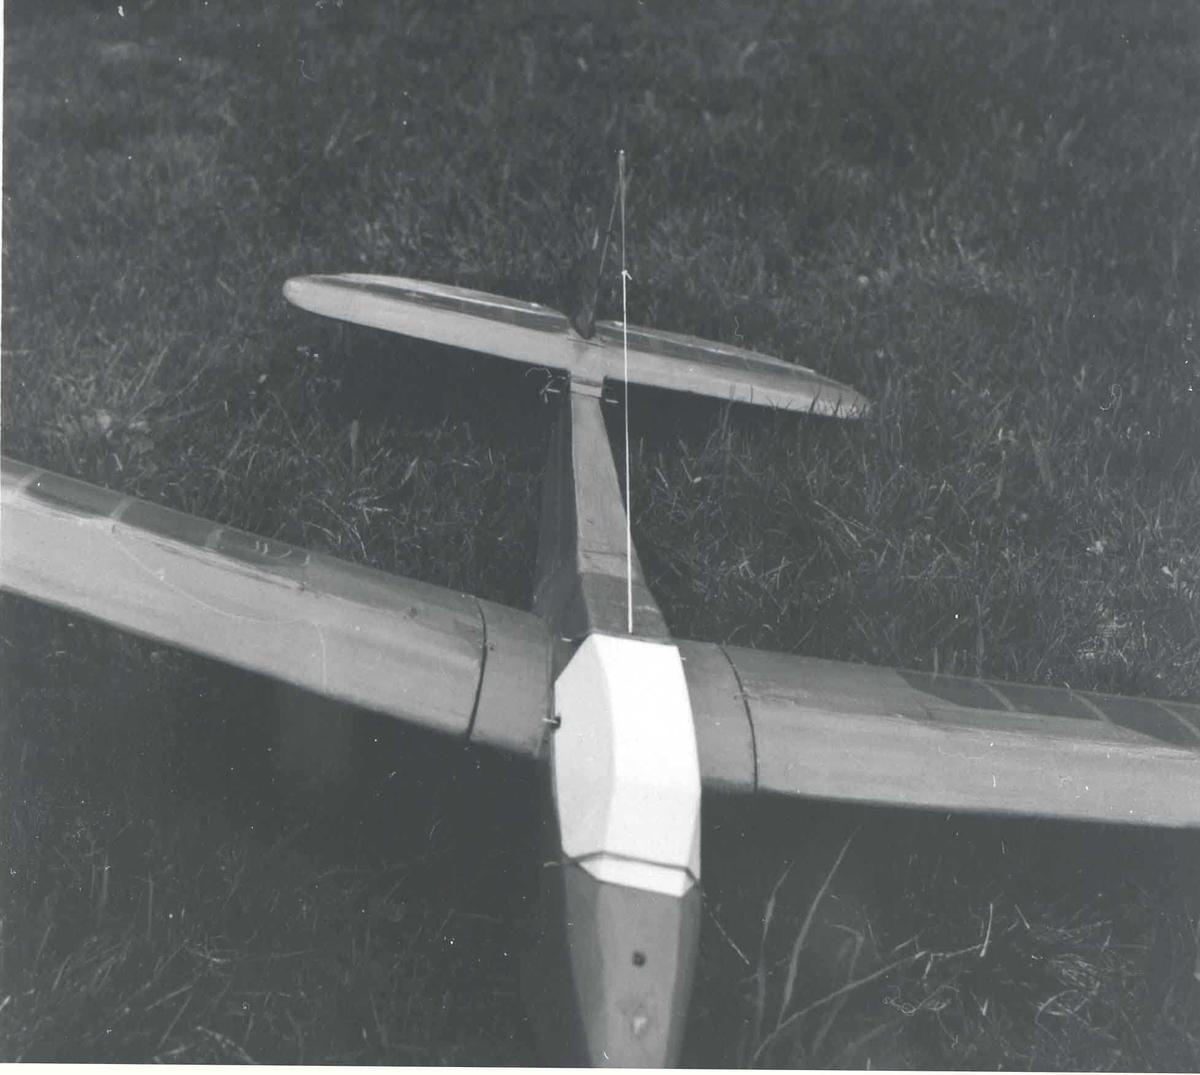 Ett modellfly - Bergfalke - med oppbygget kabin. på bakken.